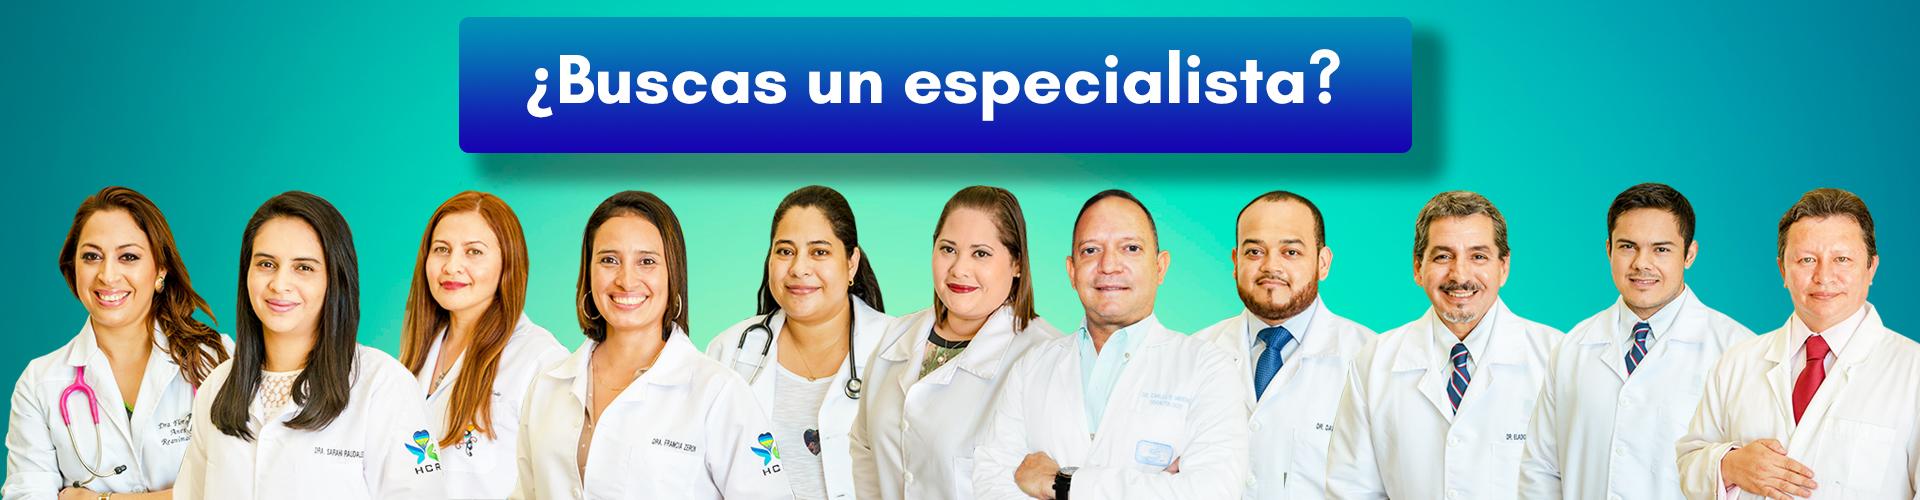 Banner medicos especialistas.